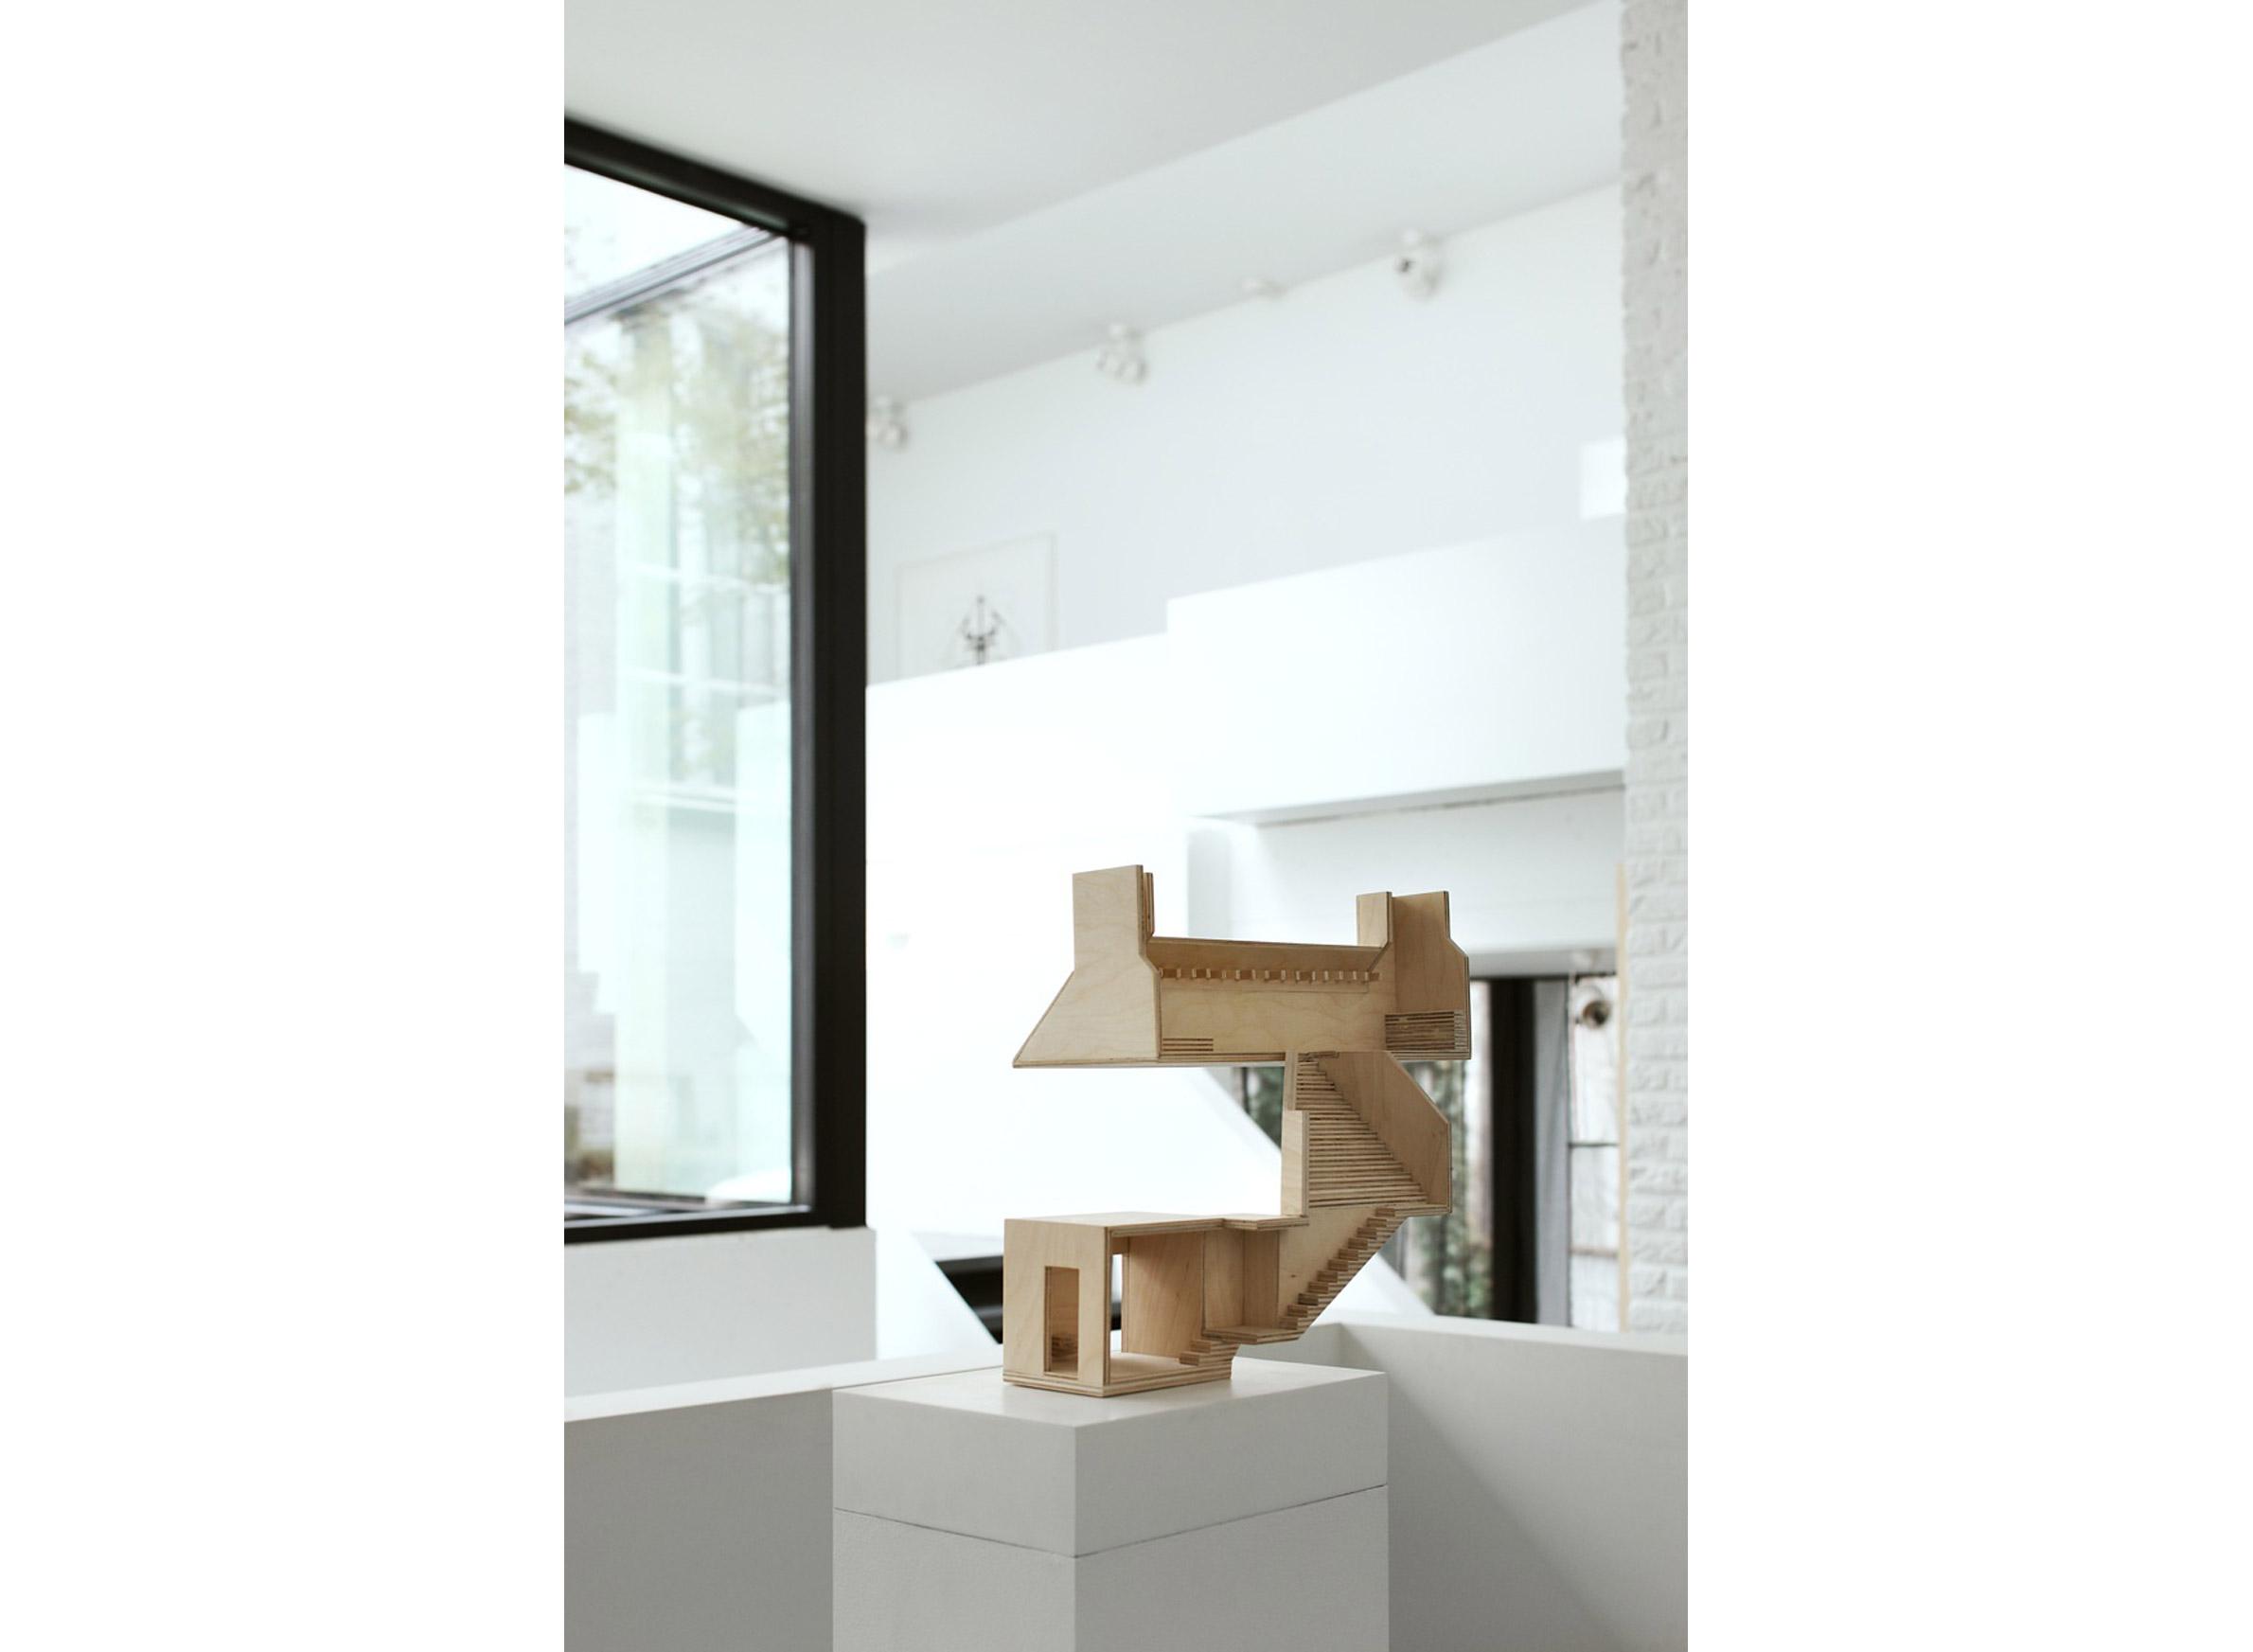 model - Valery Traan Gallery, Antwerp